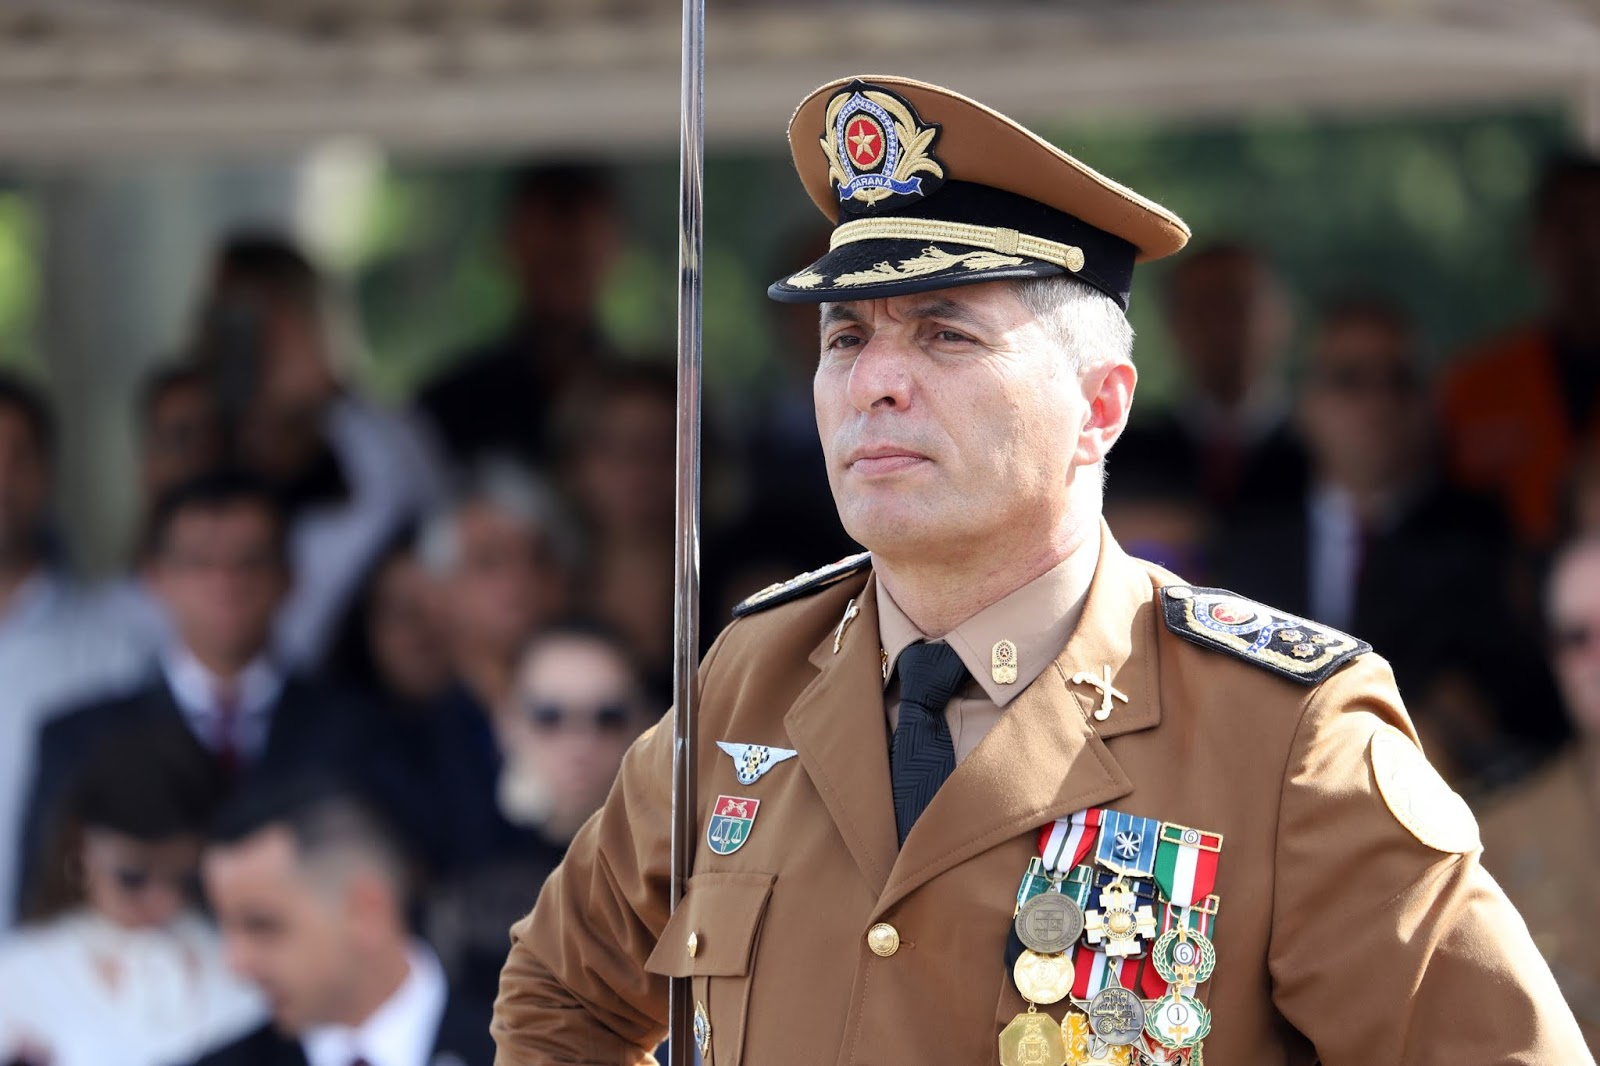 Ministério Público recomenda que Polícia Militar retifique edital de concurso público para soldados